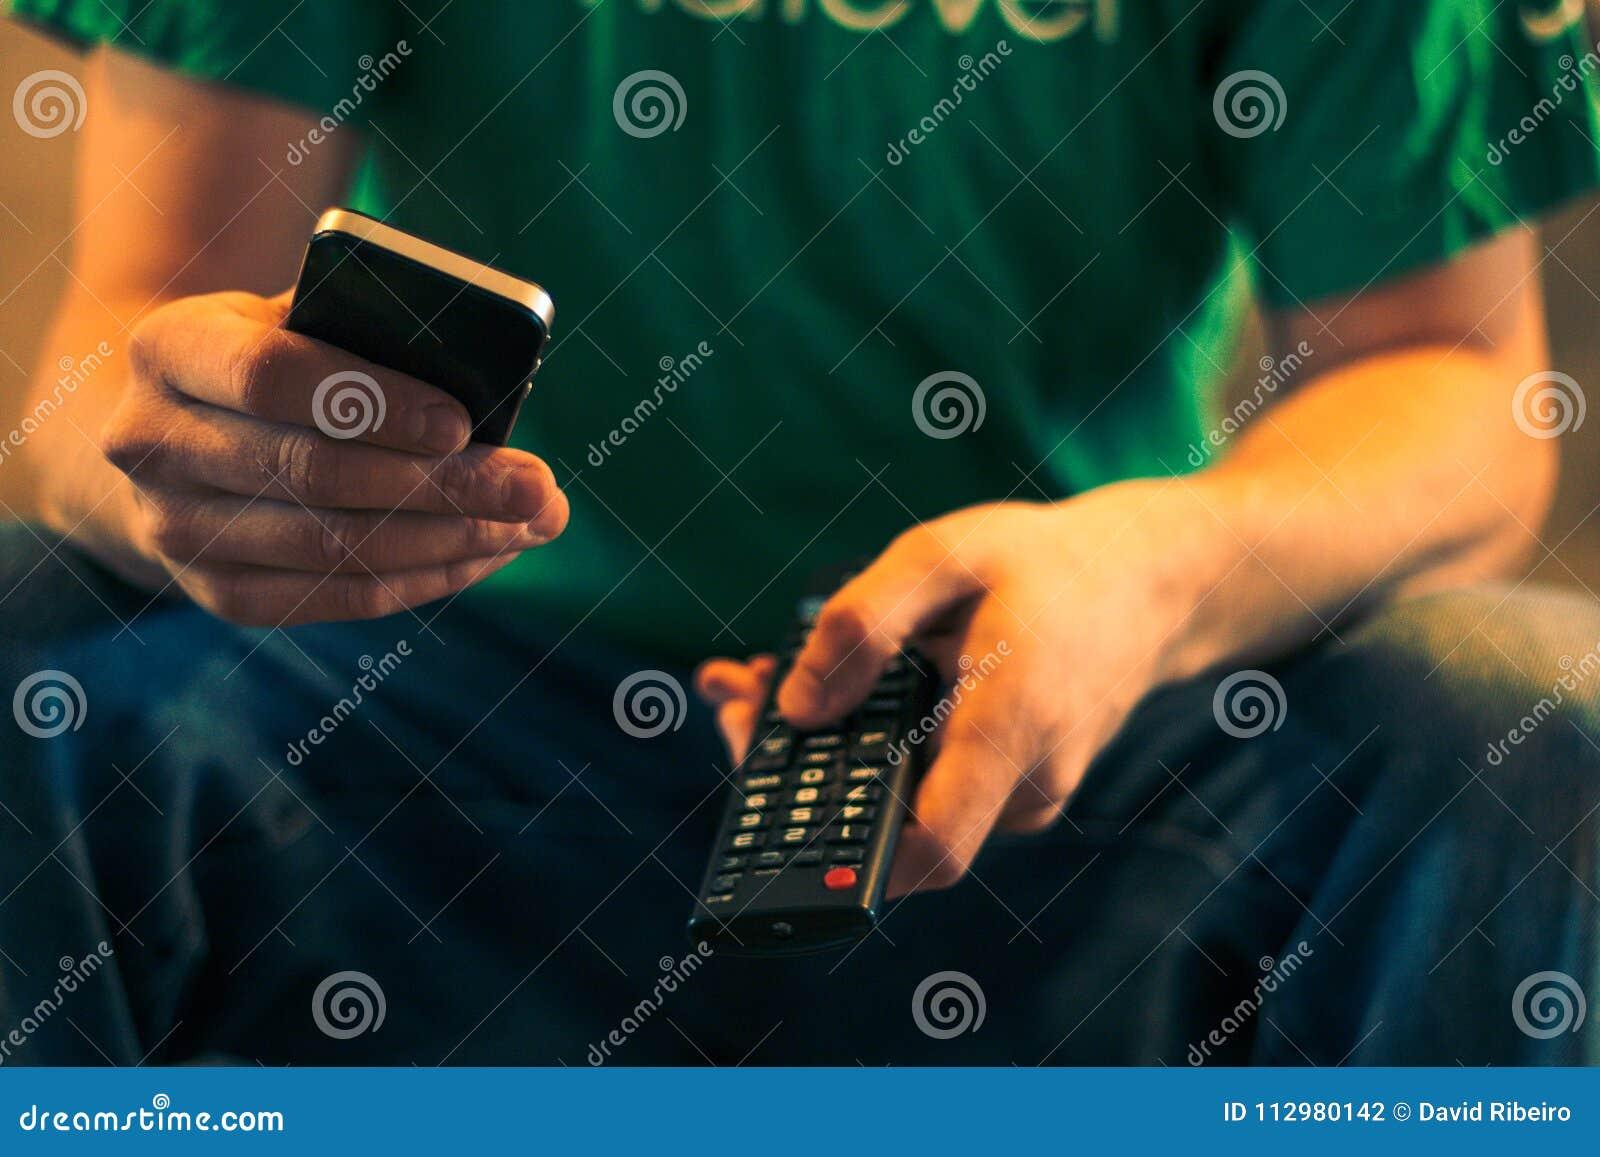 Feche acima de um homem que guarda um telefone celular e um controlo a distância da tevê